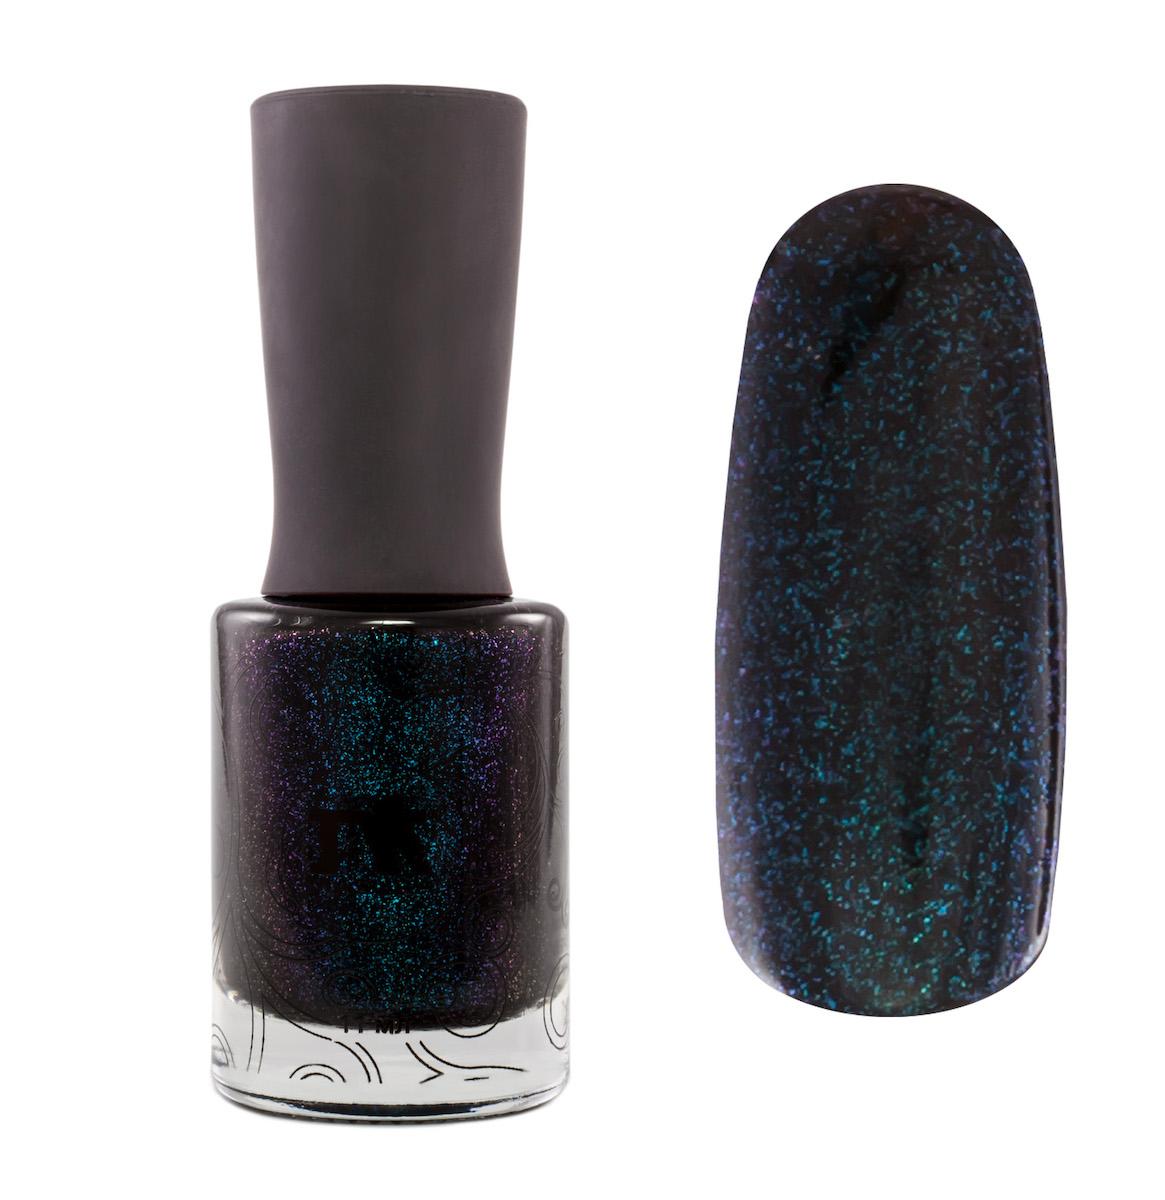 Masura Лак для ногтей Пусть Это Останется Тайной, 11 мл1031серый вуалевый с коричневым подтоном, с зеленовато-синим мерцанием и синей слюдой